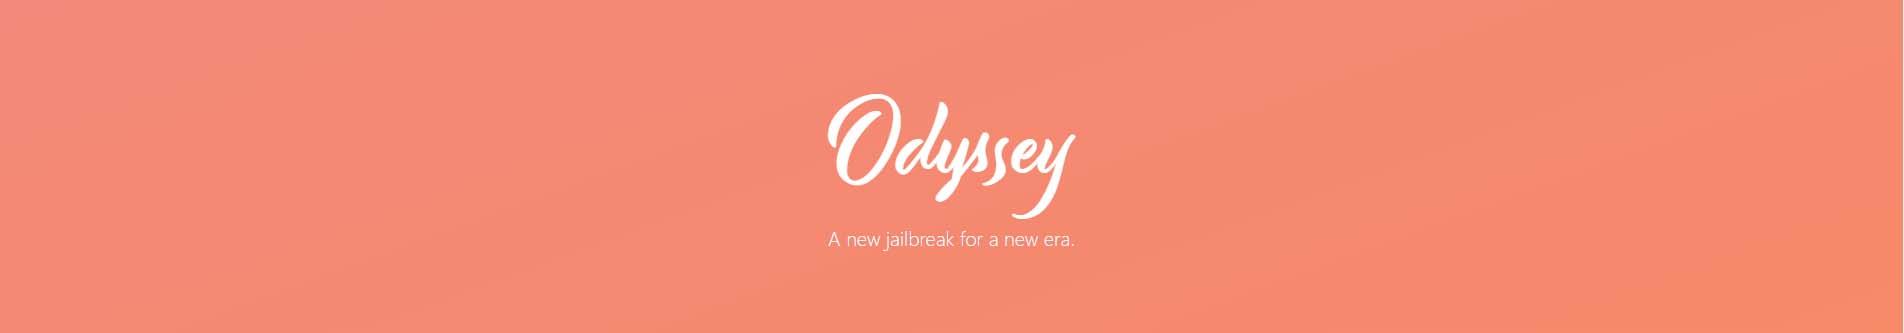 جیلبریک Odyssey